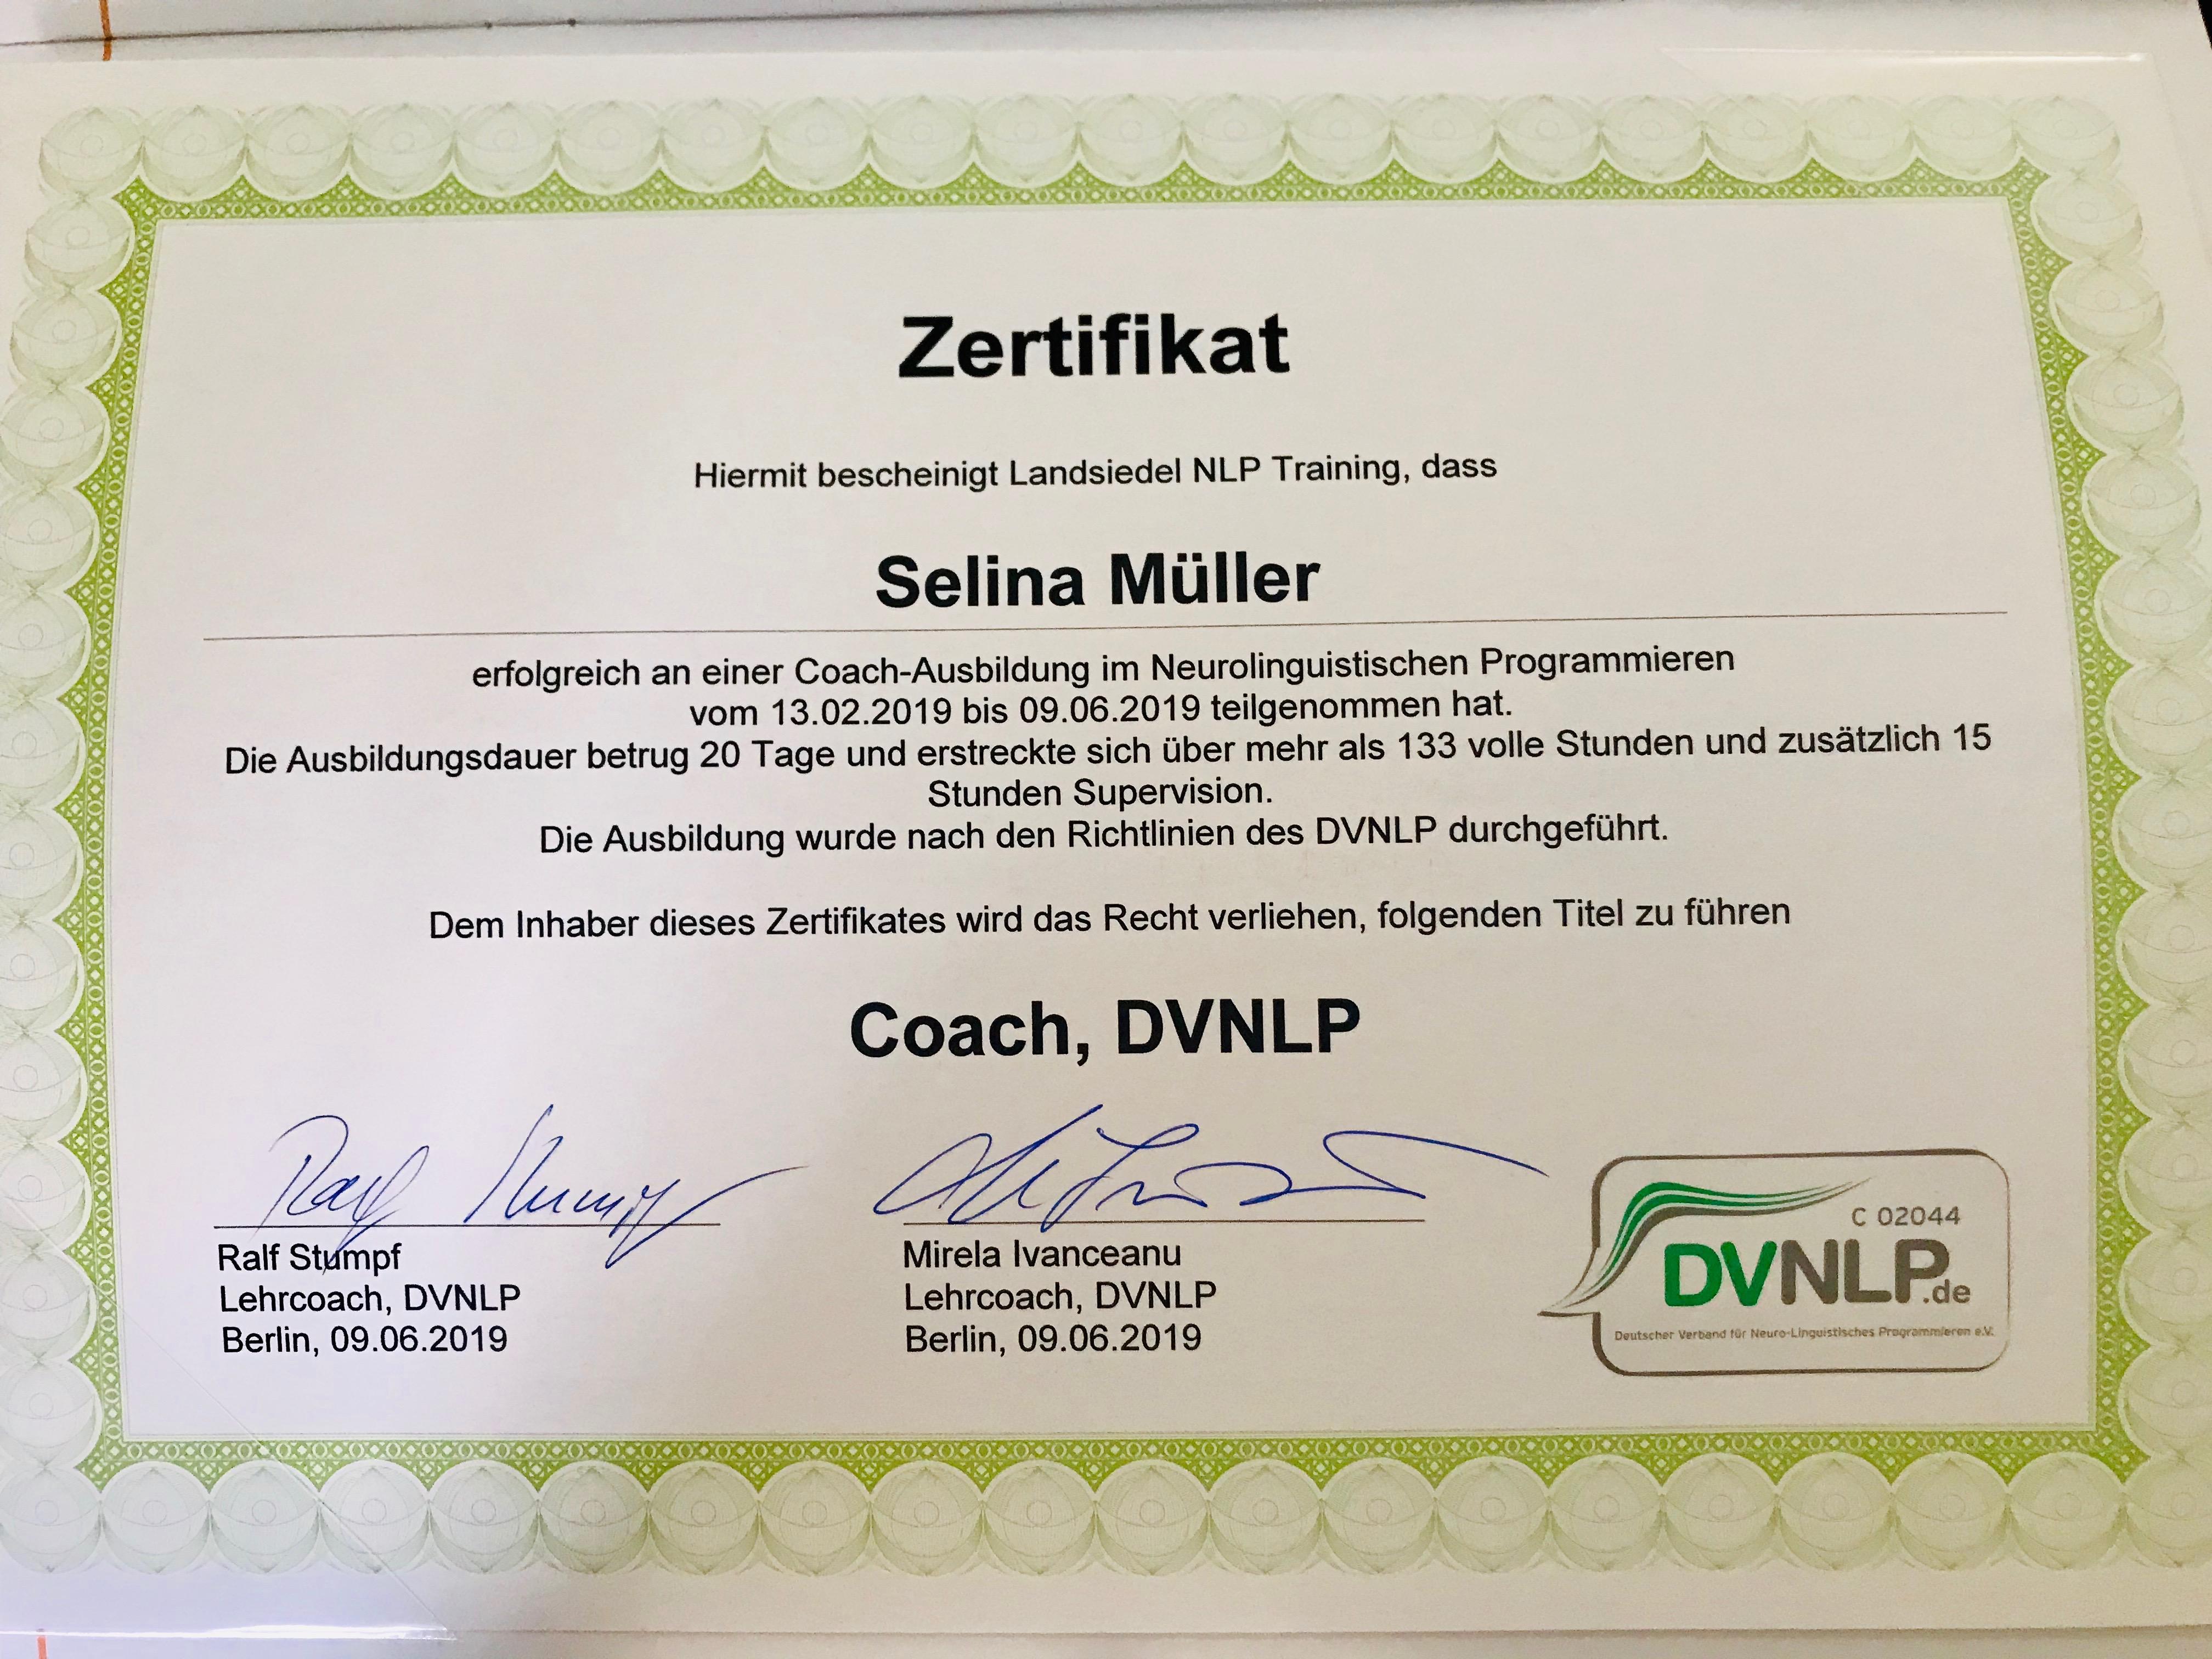 DVNLP Coach – Certification